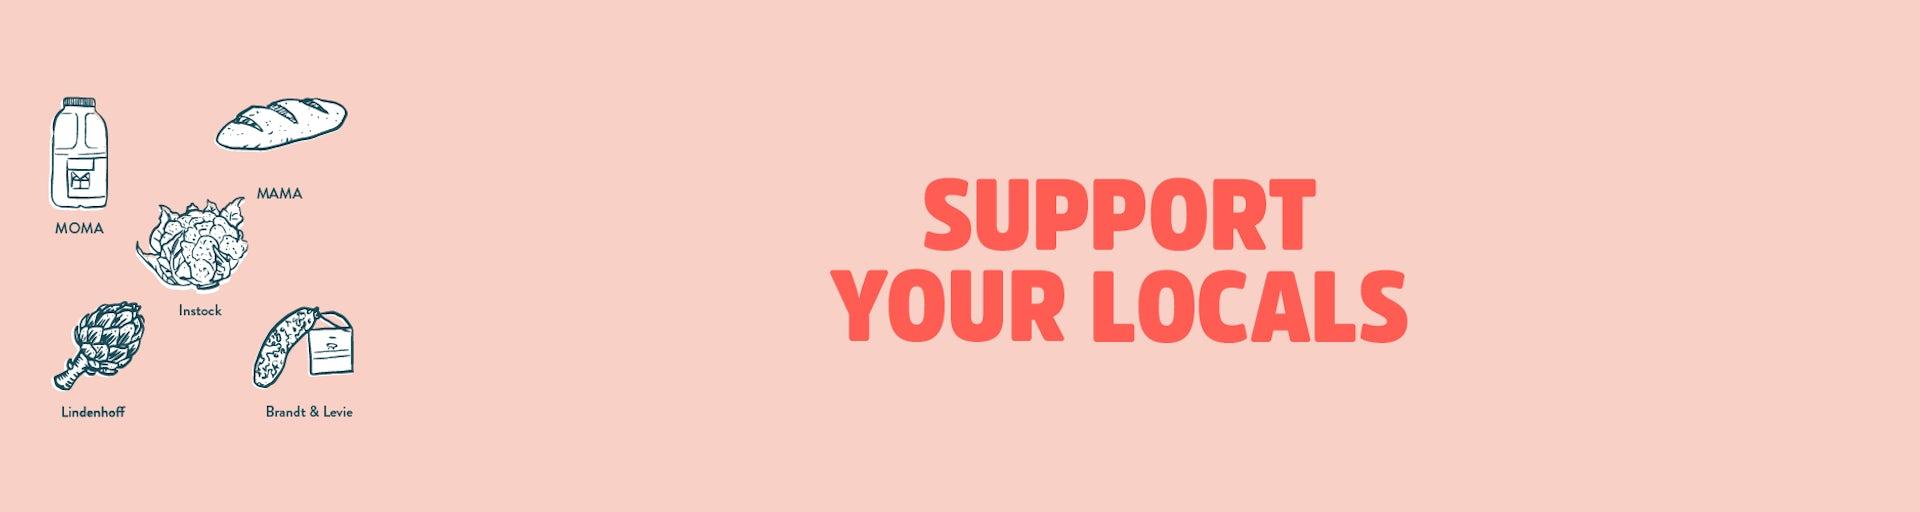 Supportyourlocals1